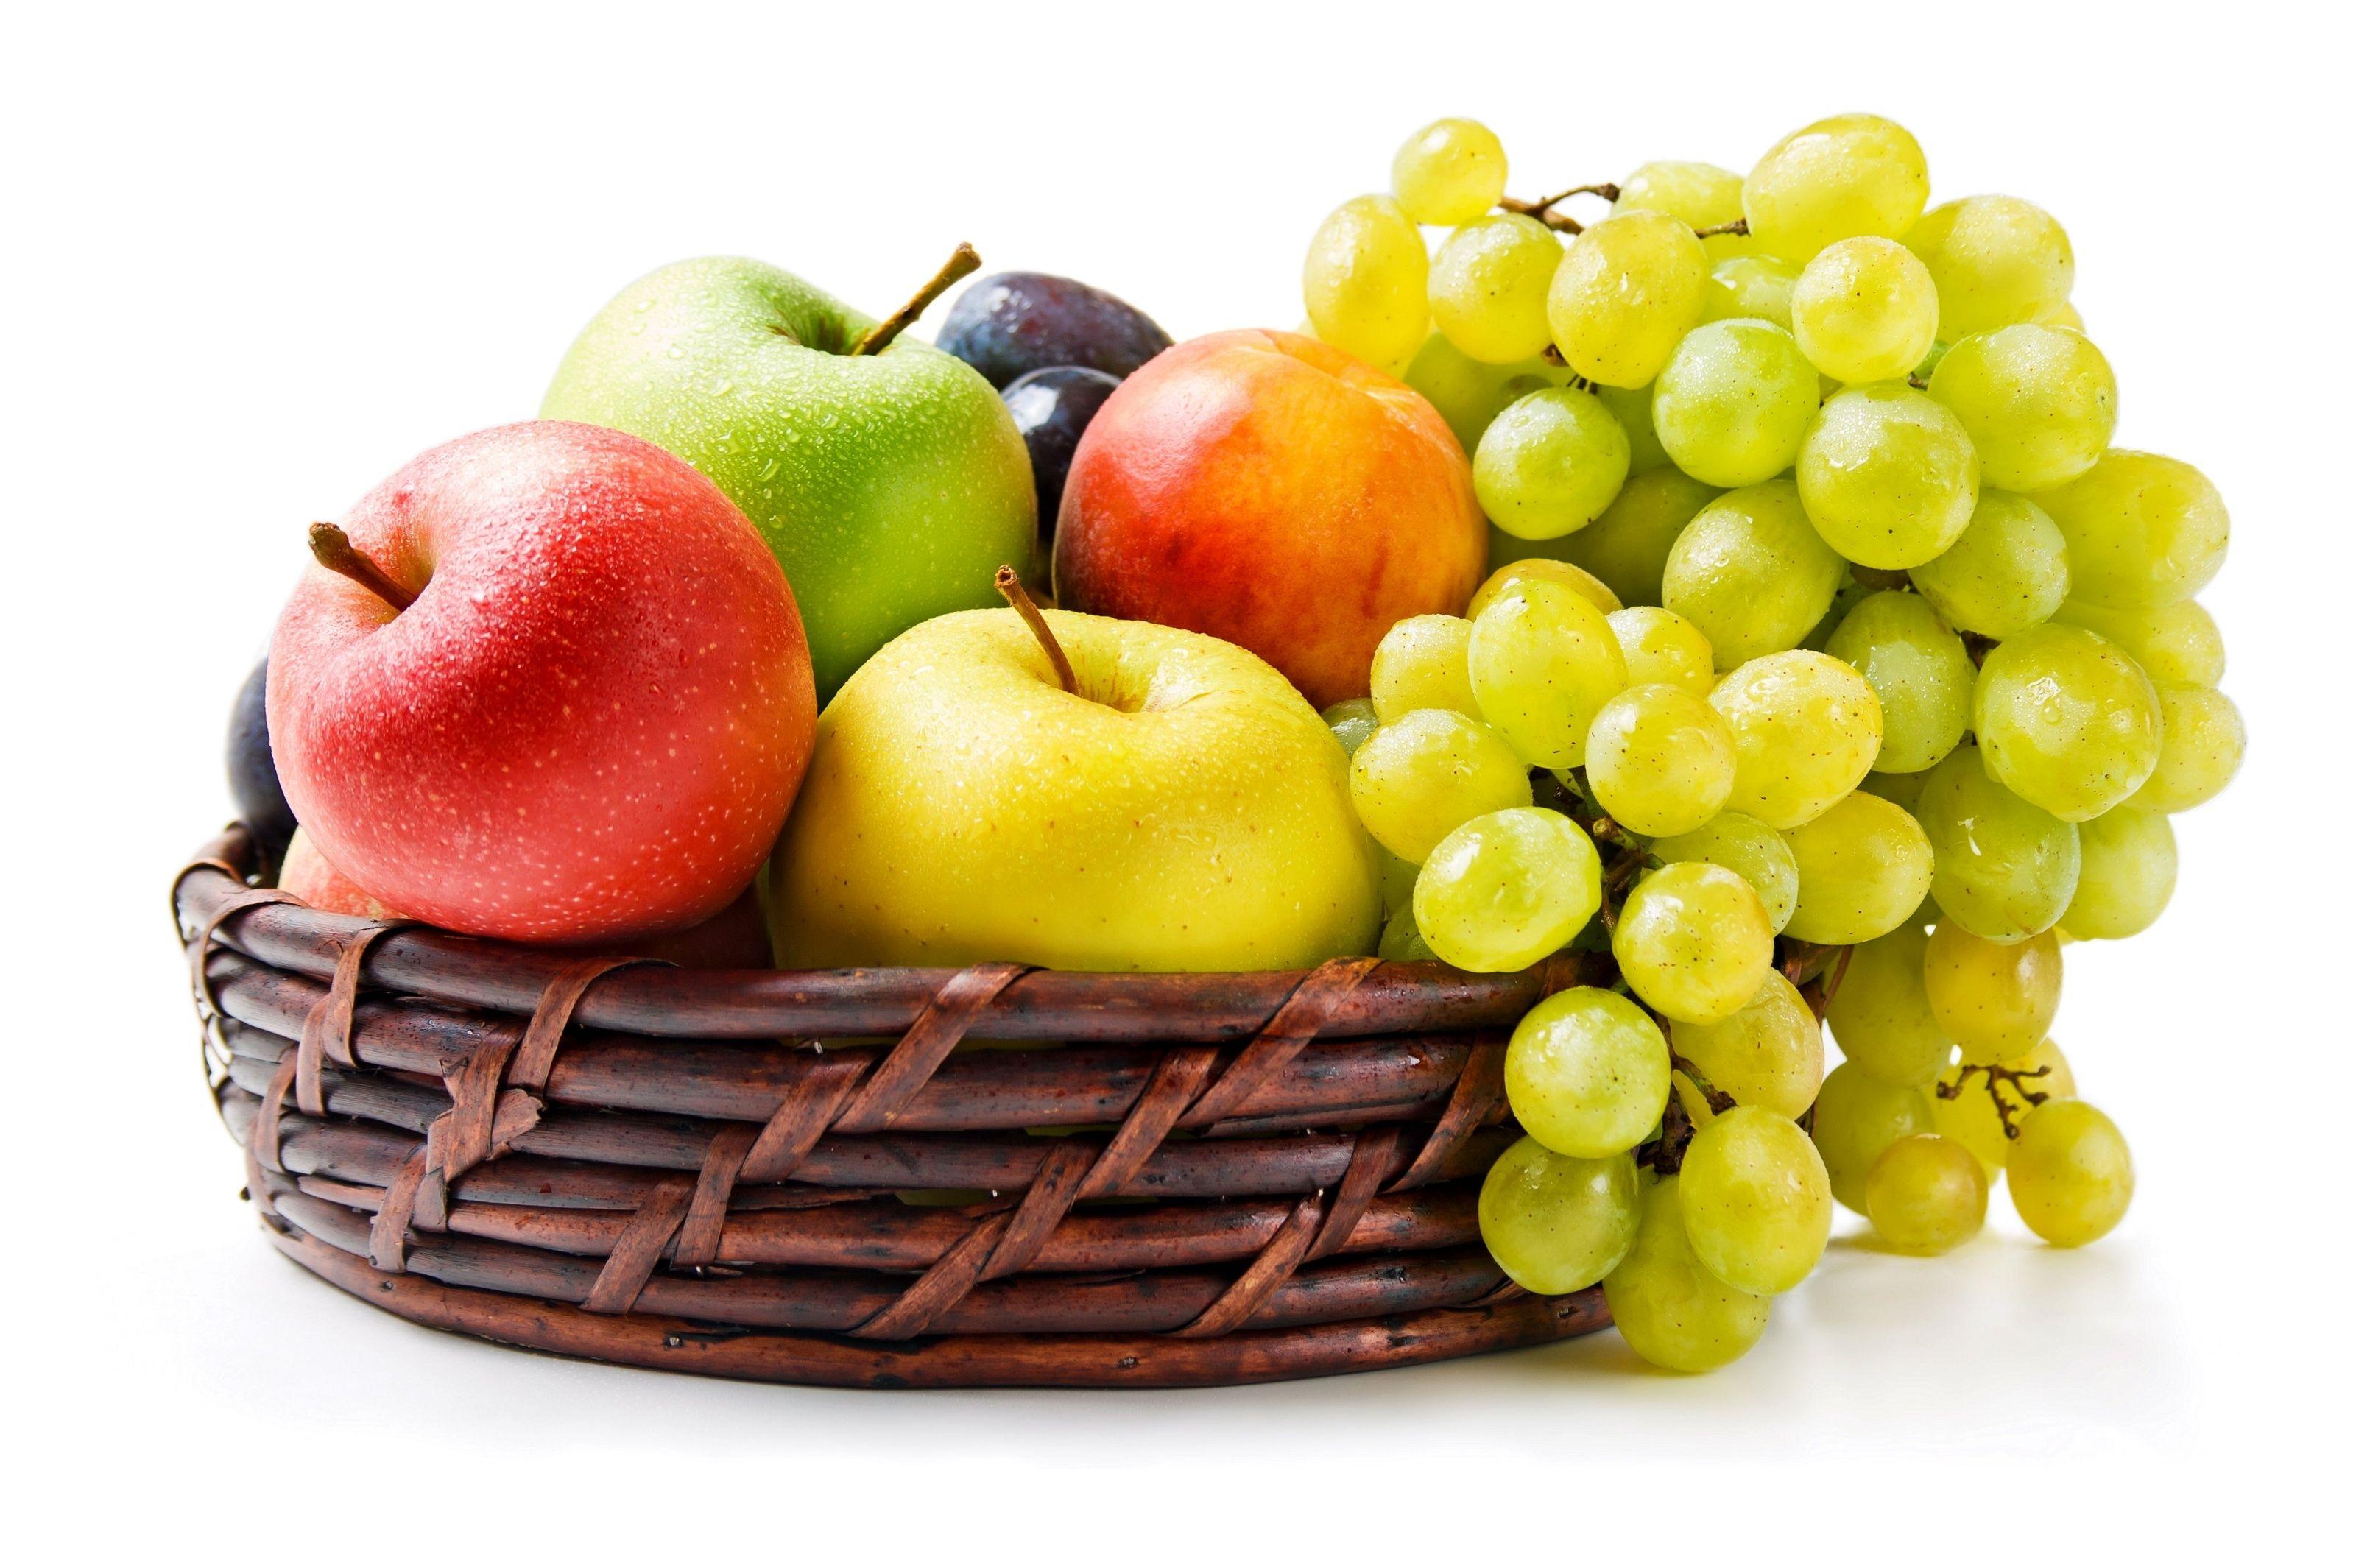 Cu câți ani ți se scurtează viața dacă nu îți mănânci porția zilnică de fructe și legume?